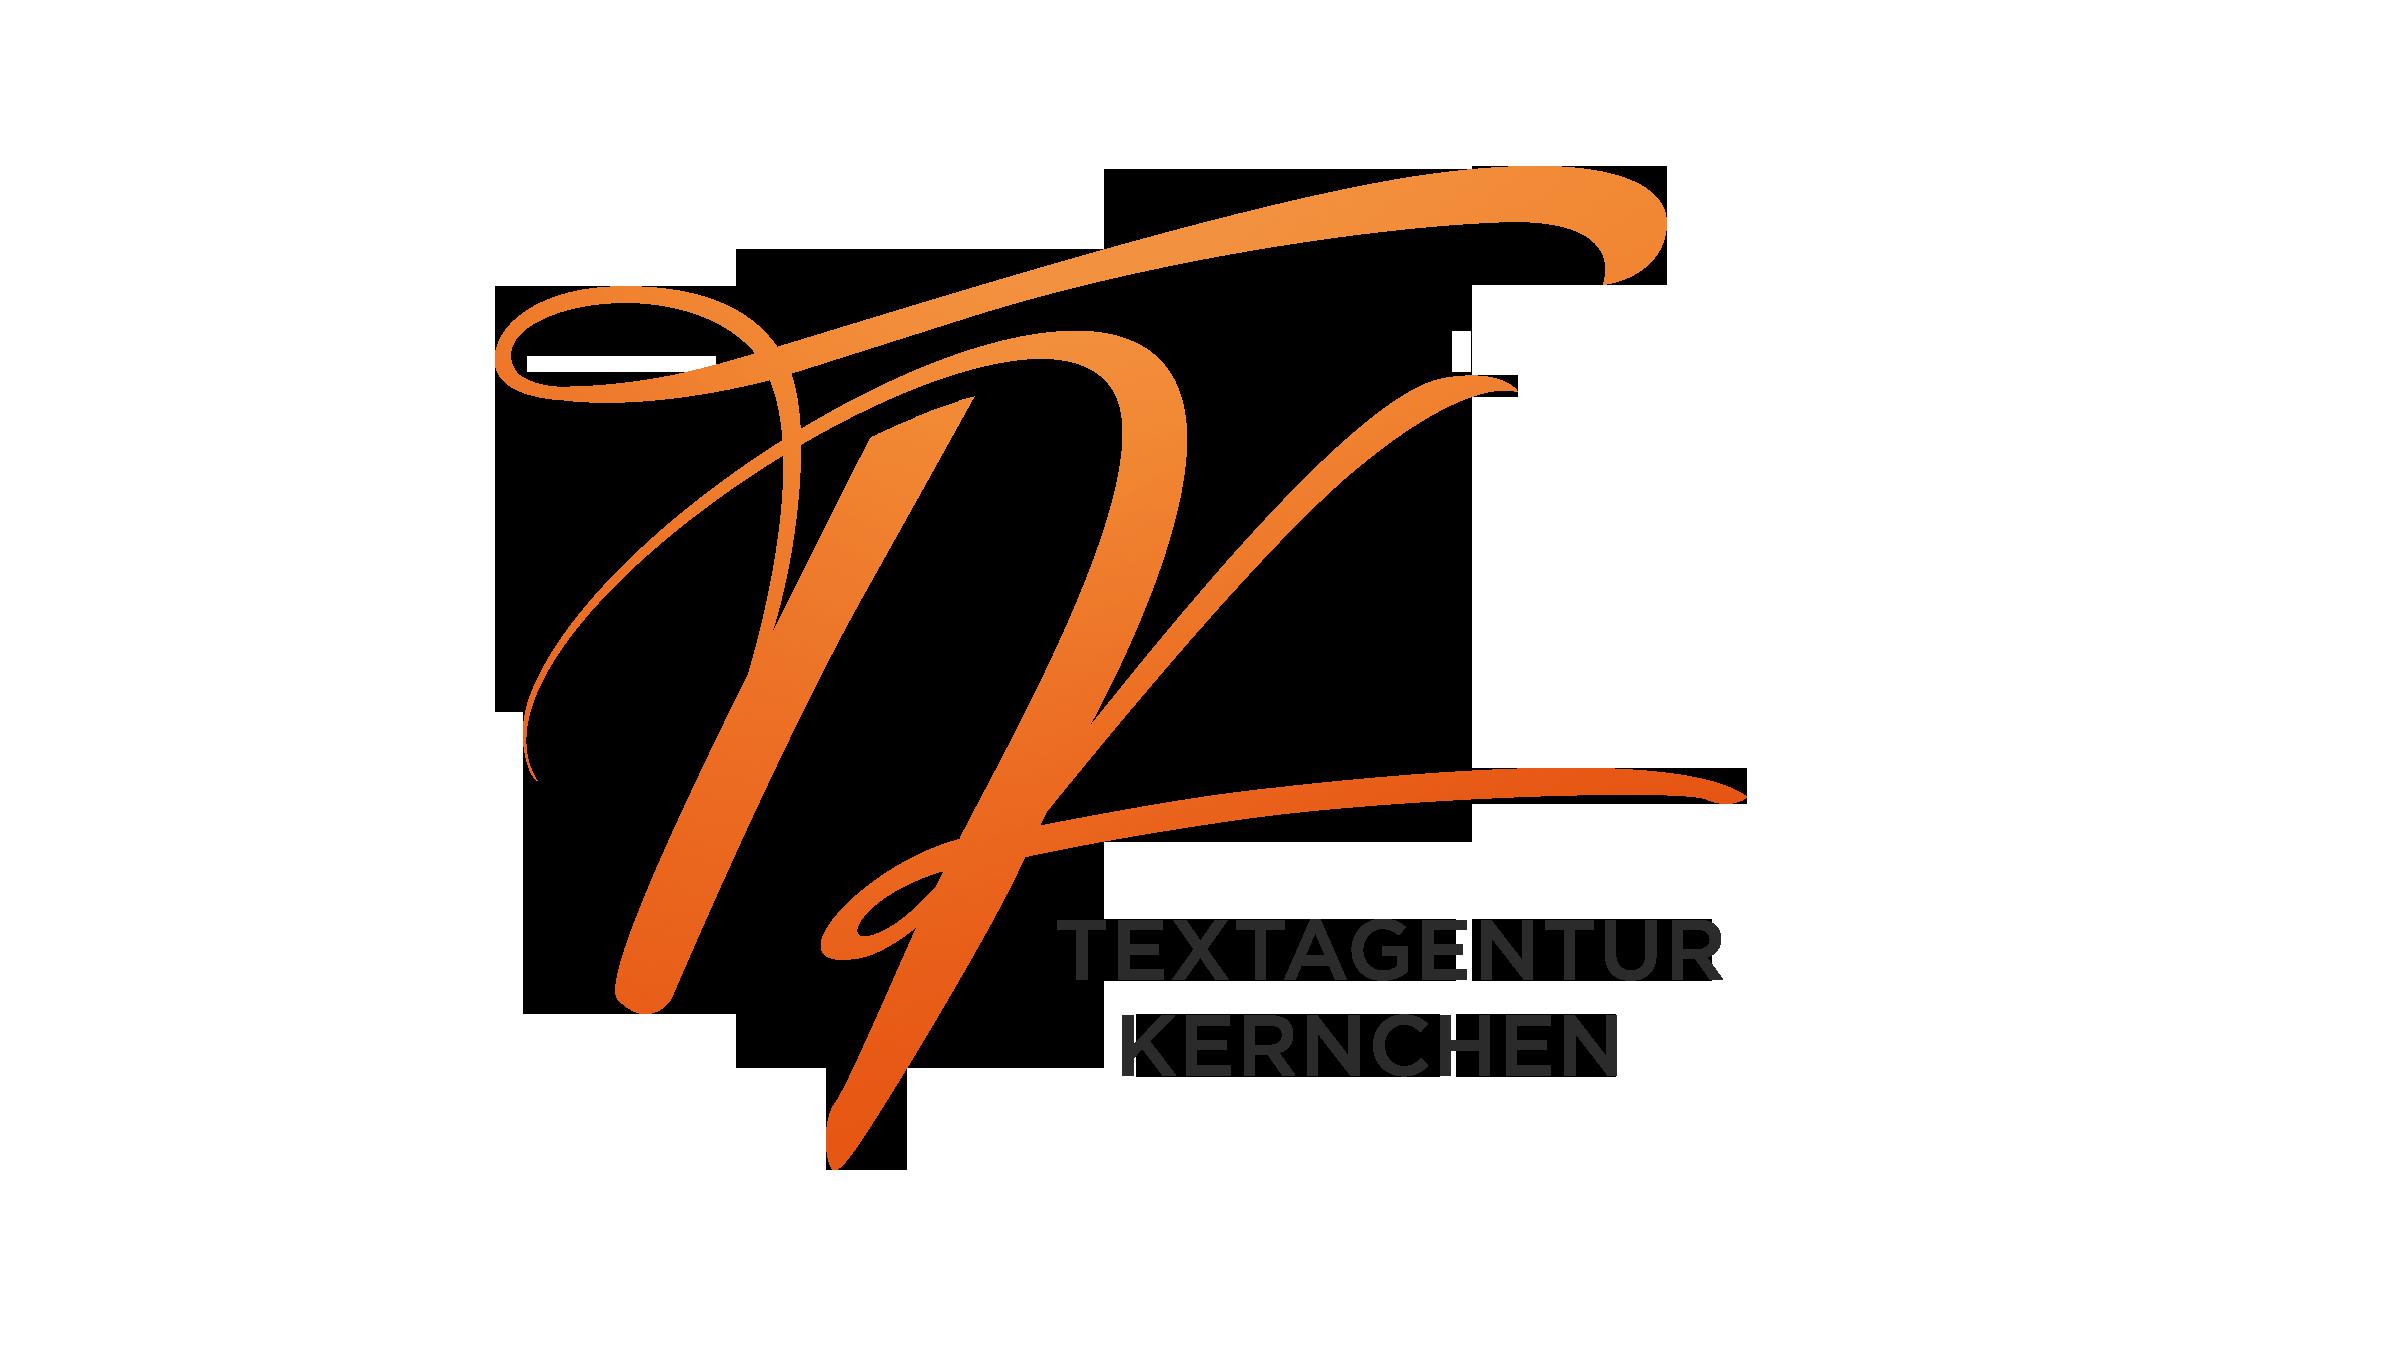 Textagentur Kernchen